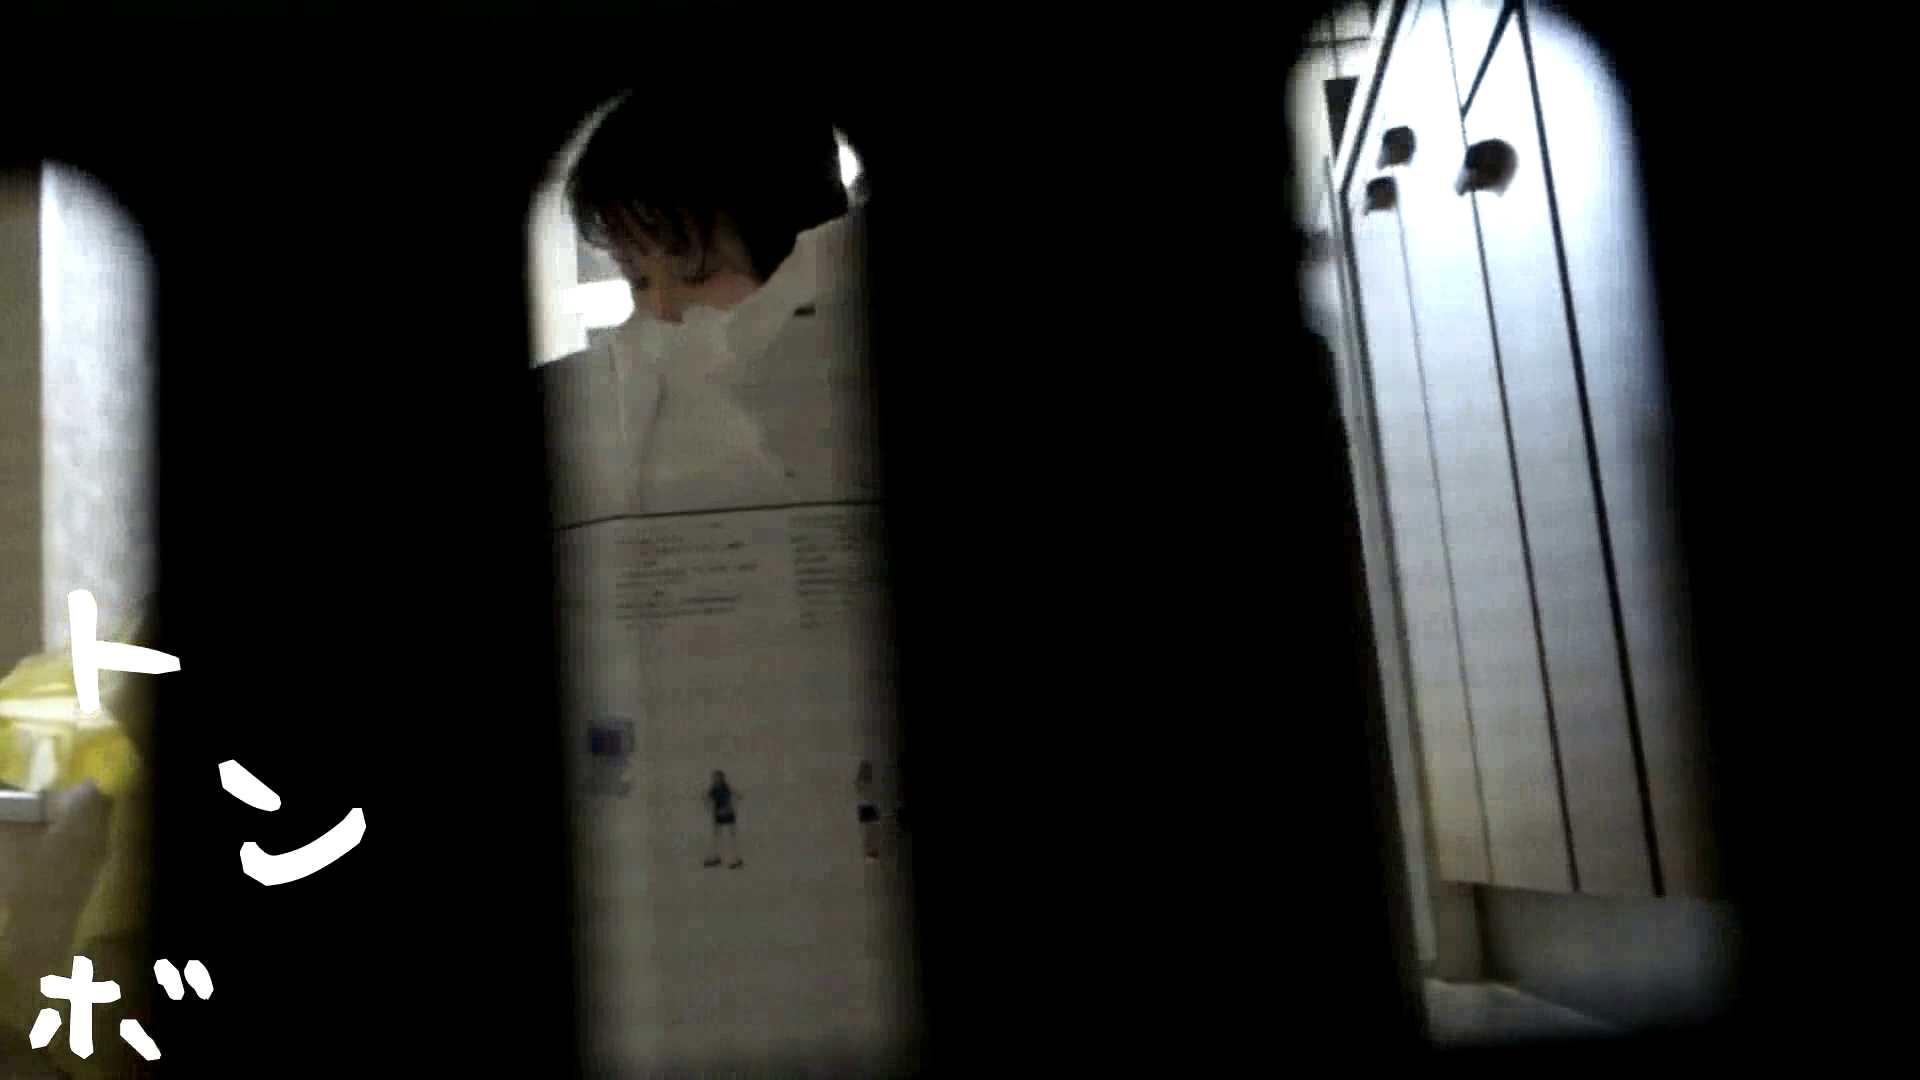 リアル盗撮 清楚なお女市さんのマル秘私生活① 洗面所のぞき  79枚 33